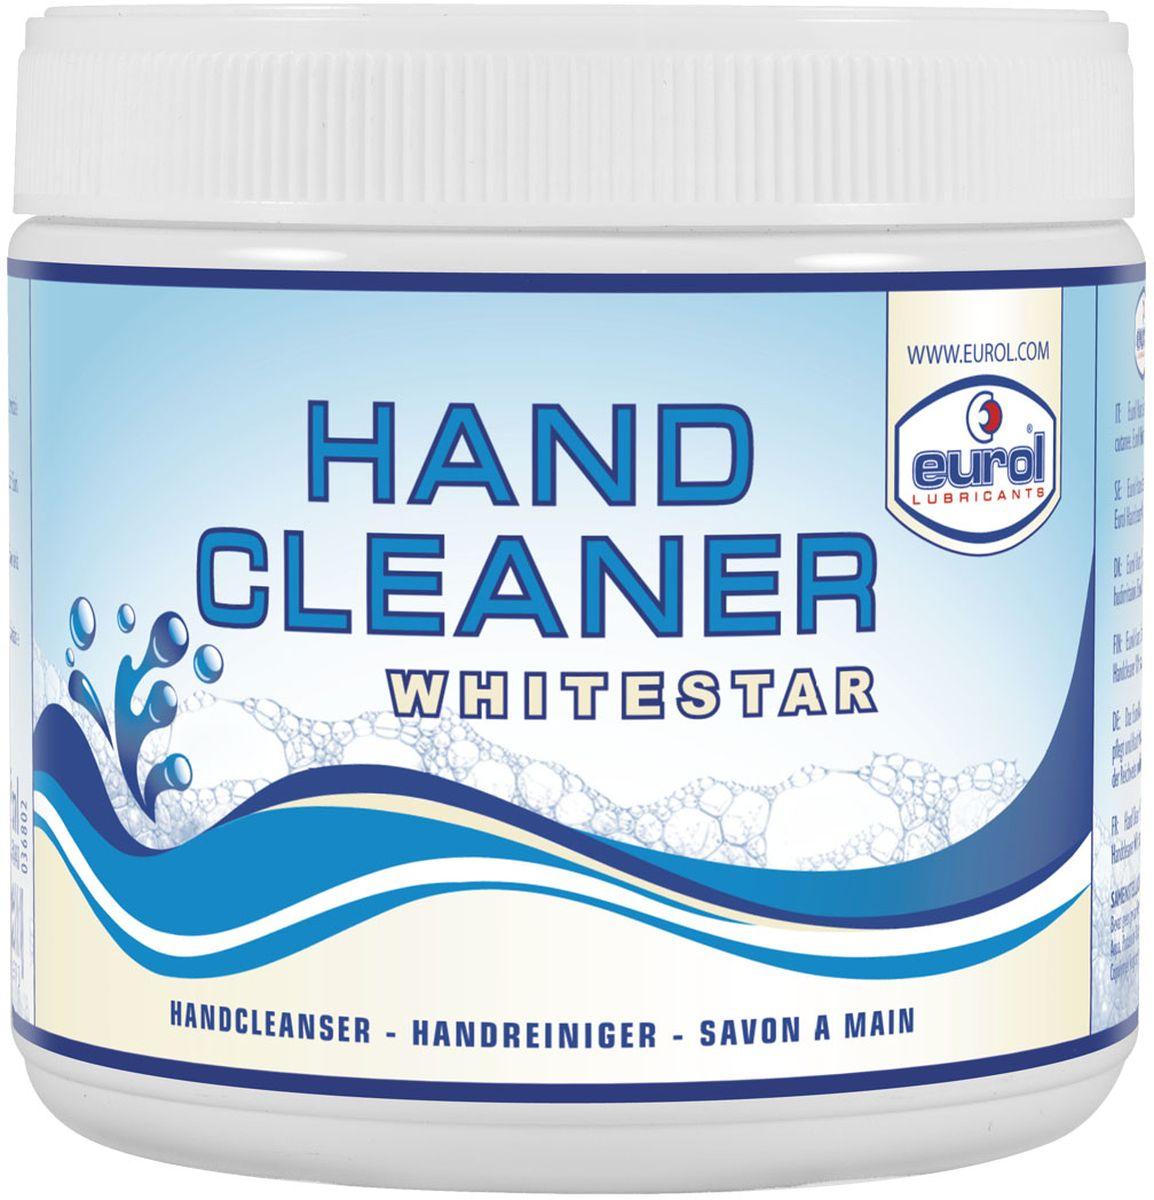 Очиститель рук EUROL HANDCLEANER WHITESTAR, 600 млE601440-600mlEUROL HANDCLEANER WHITESTAR Высококачественное средство для мытья рук с абразивом. Подходит для удаления смазочных веществ, тормозных жидкостей, горючих материалов и жиров. Не содержит растворителей. Обладает свойством восстановления кожи, pH нейтрально, производится из эфиров жожоба, экстрактов алоэ вера, продуктов ланолина и экологически чистого абразива (на основе полимеров). Прошло ряд дерматологических испытаний и является биоразлагаемым.СВОЙСТВА:- Биоразлагаемое (73/404/EEC)- Соответствует законодательству ЕС о косметических изделиях (76/768/EU)СПОСОБ ПРИМЕНЕНИЯ:Нанесите мыло на сухие руки, растирайте пока не будет удалена грязь, смойте водой или удалите тканью.Хранить при температуре выше 0°C.